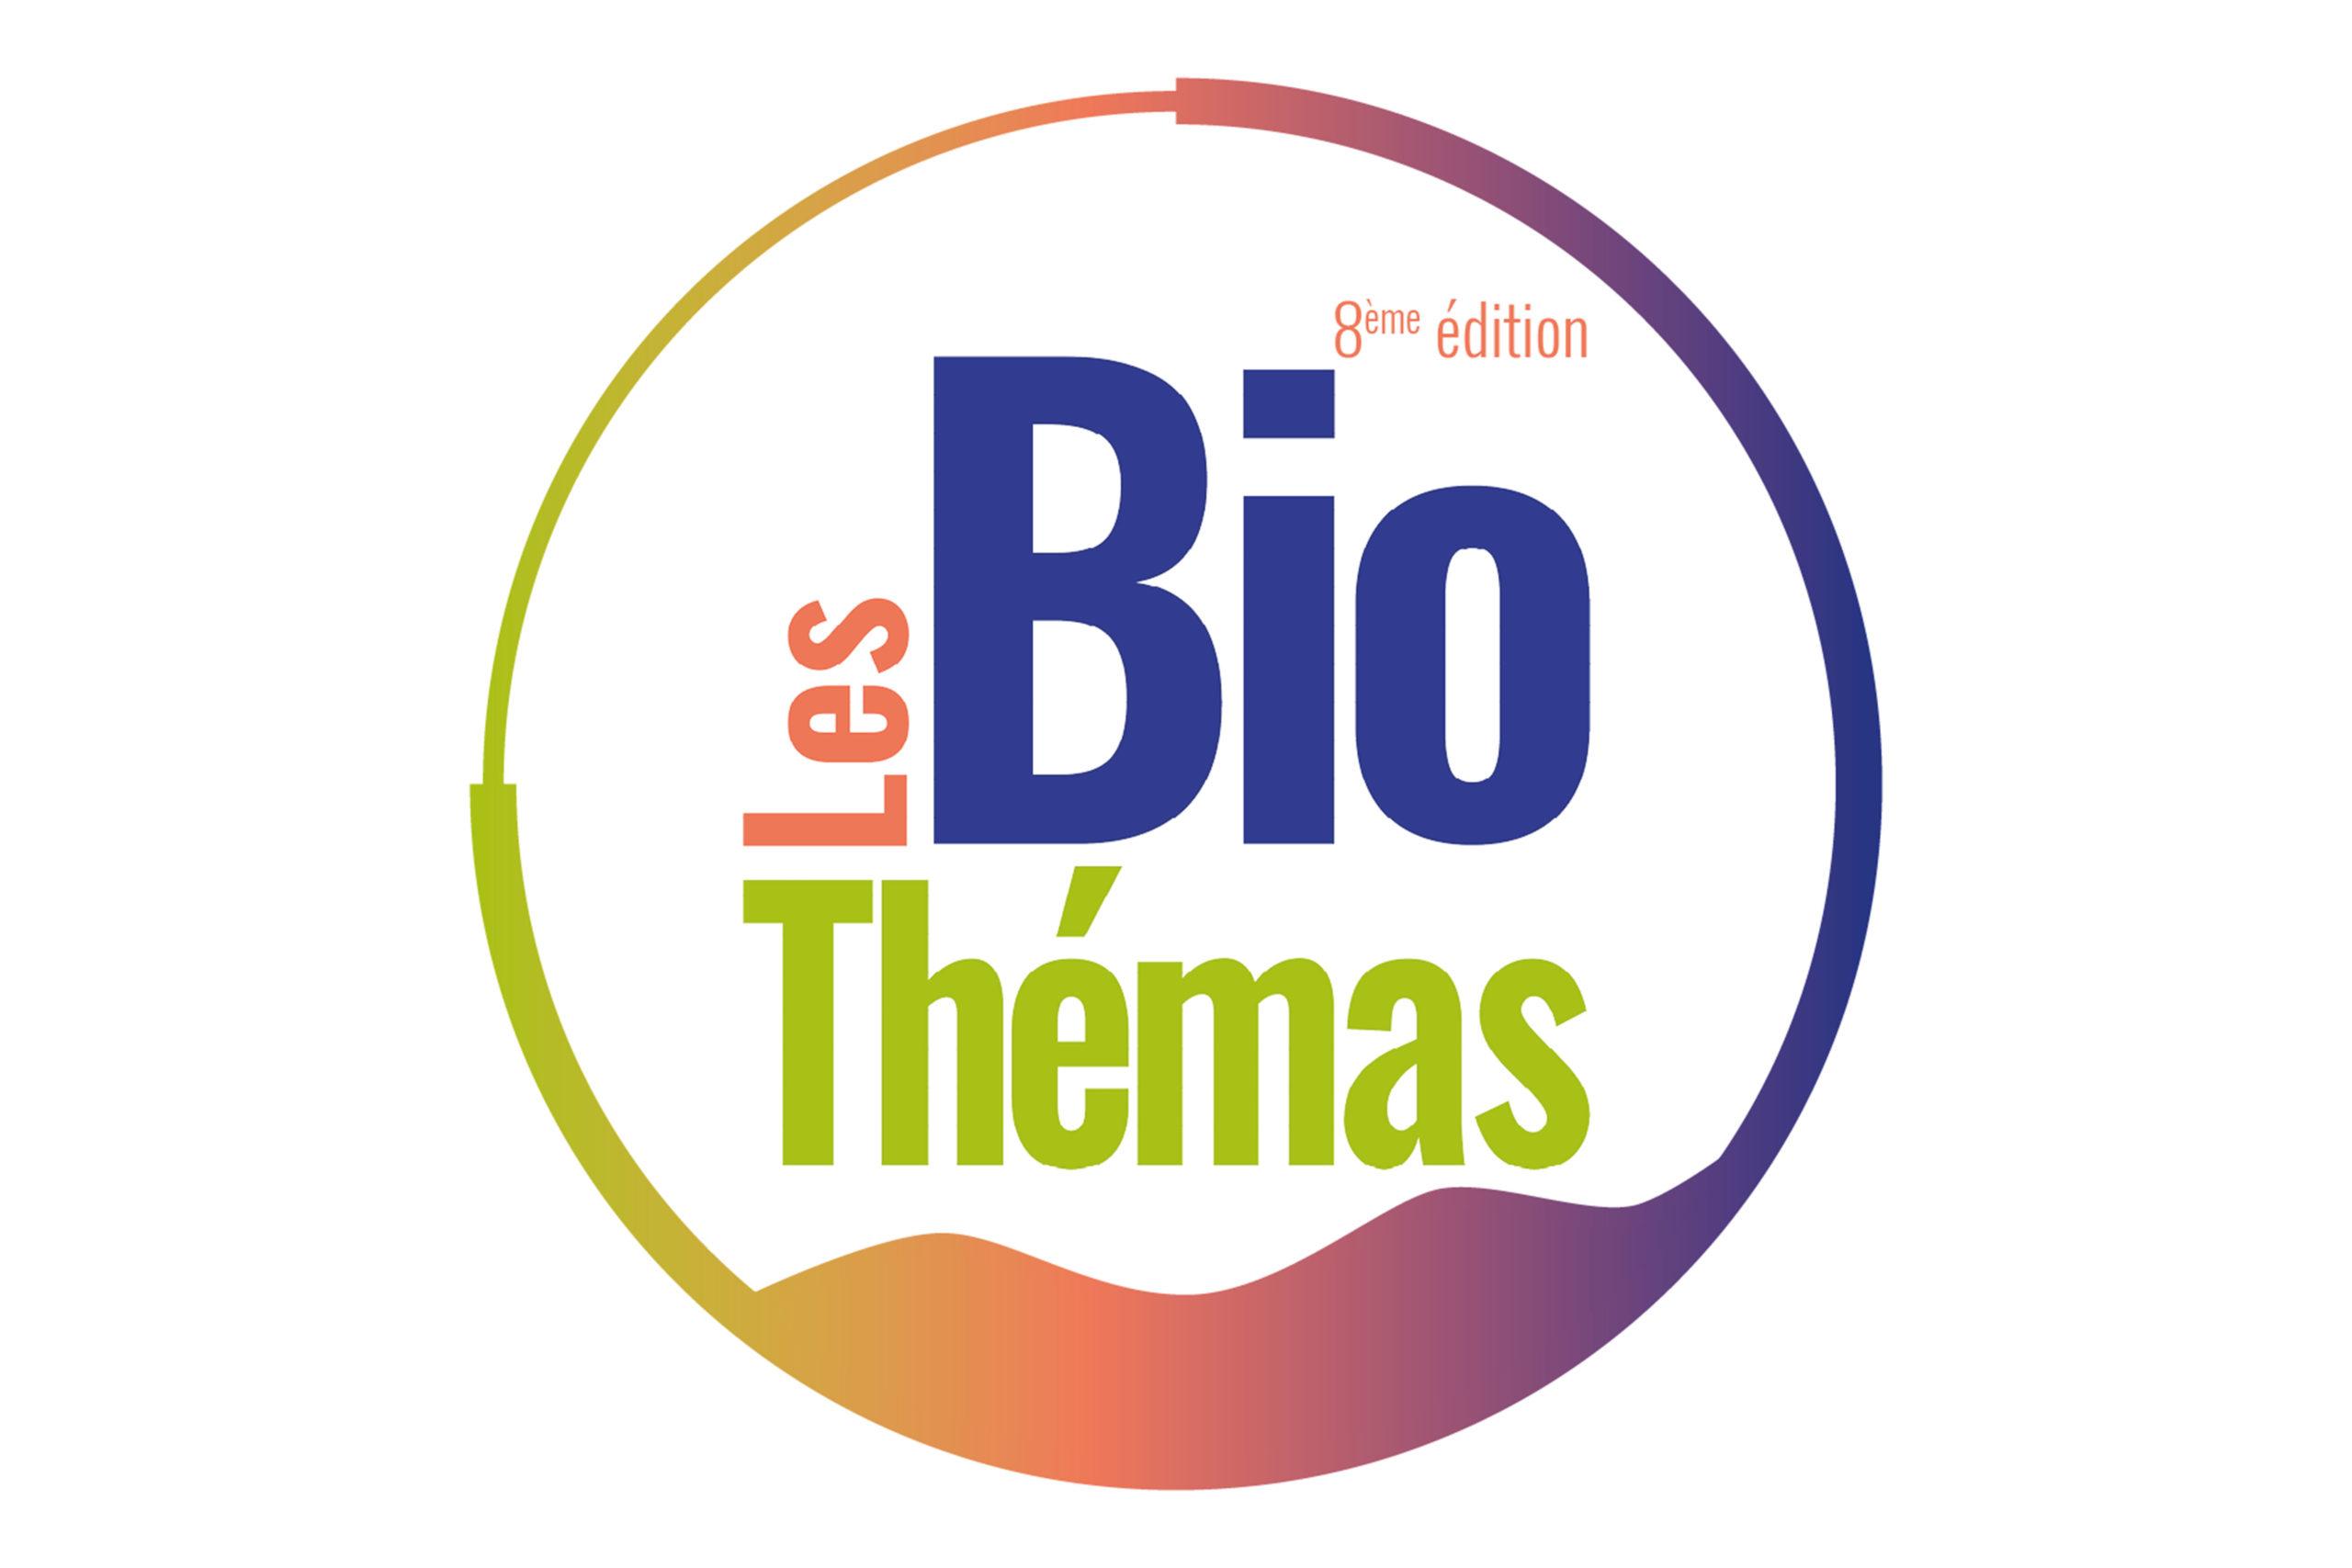 Les BioThémas 2020 maintenus en webinaire !